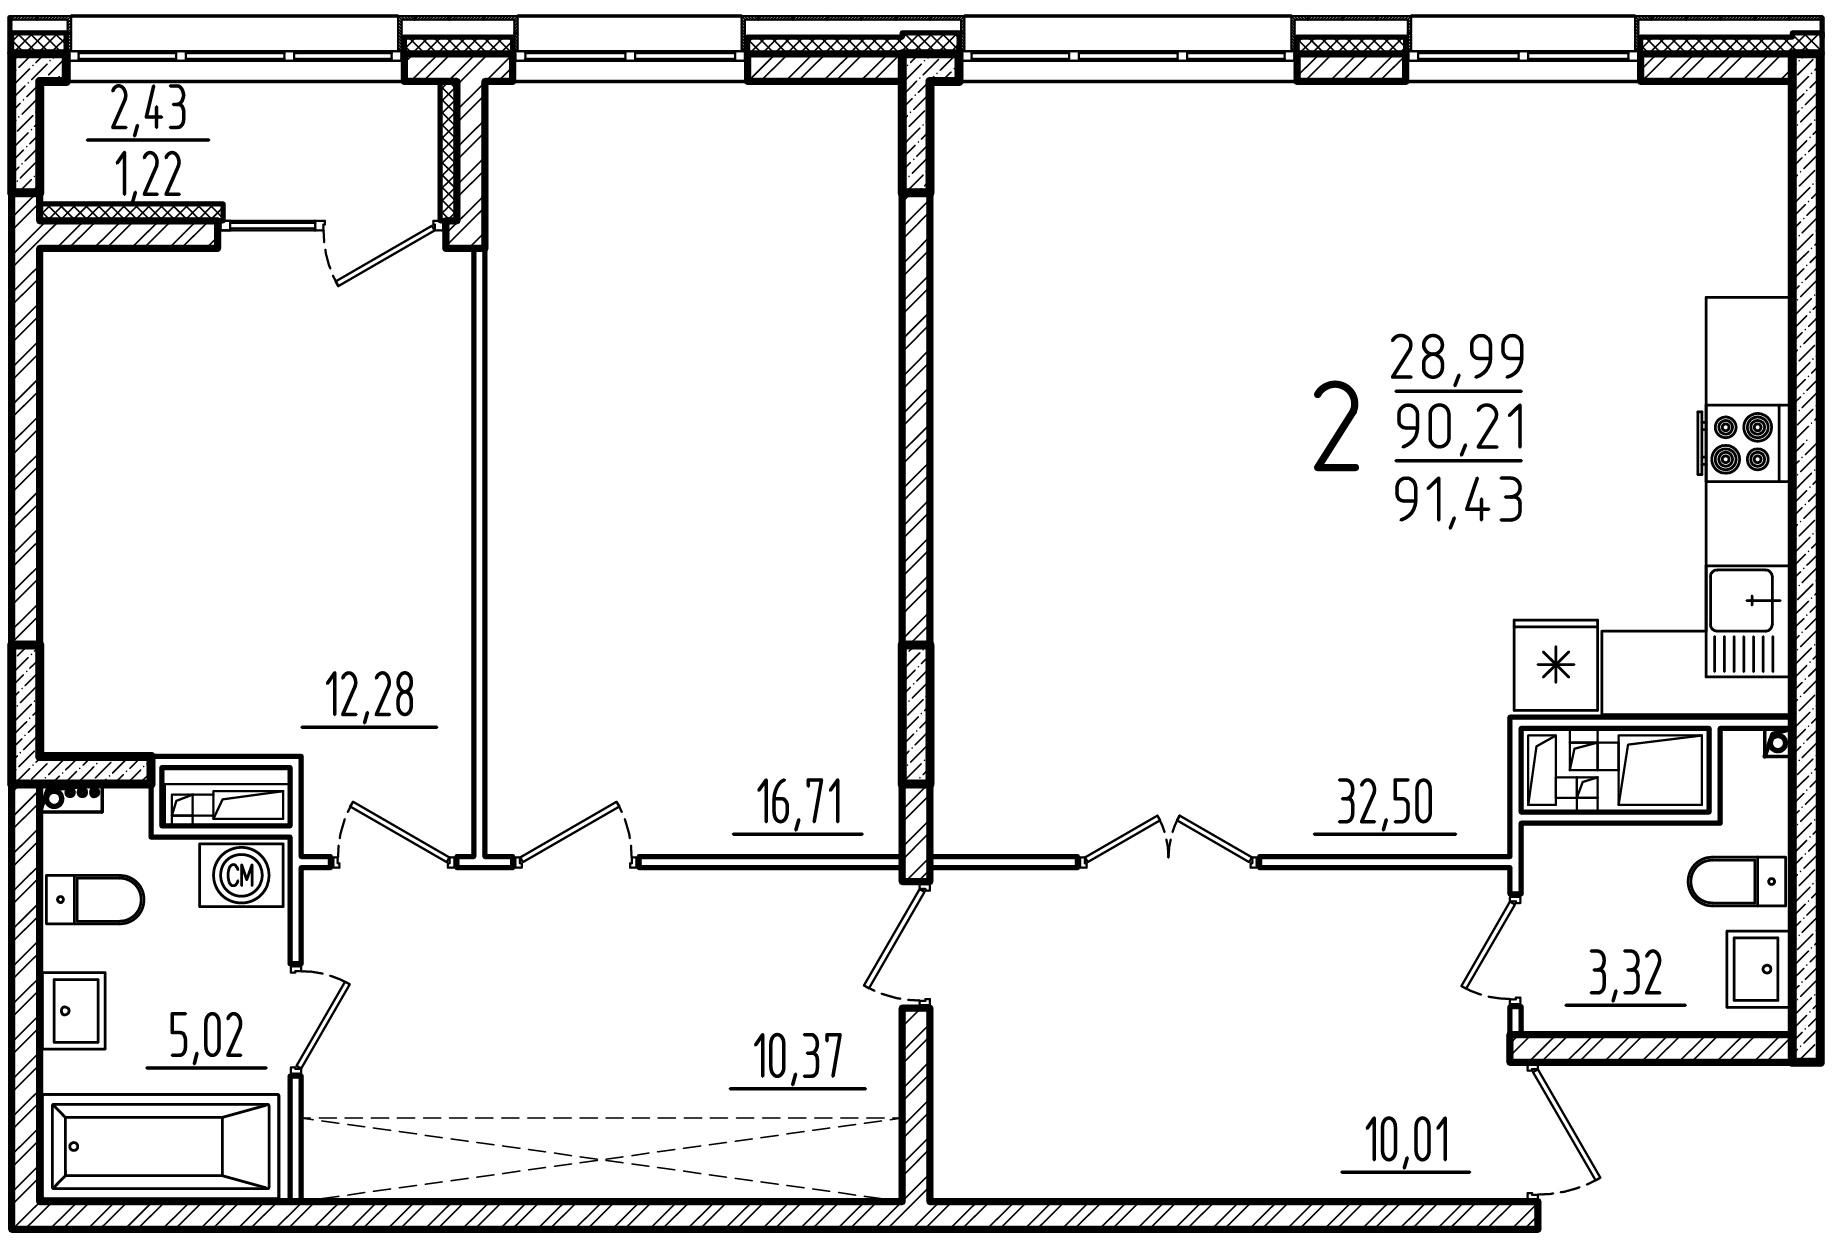 """2 комнатная 91,43 кв. м. (ЖК """"Barton House"""")"""